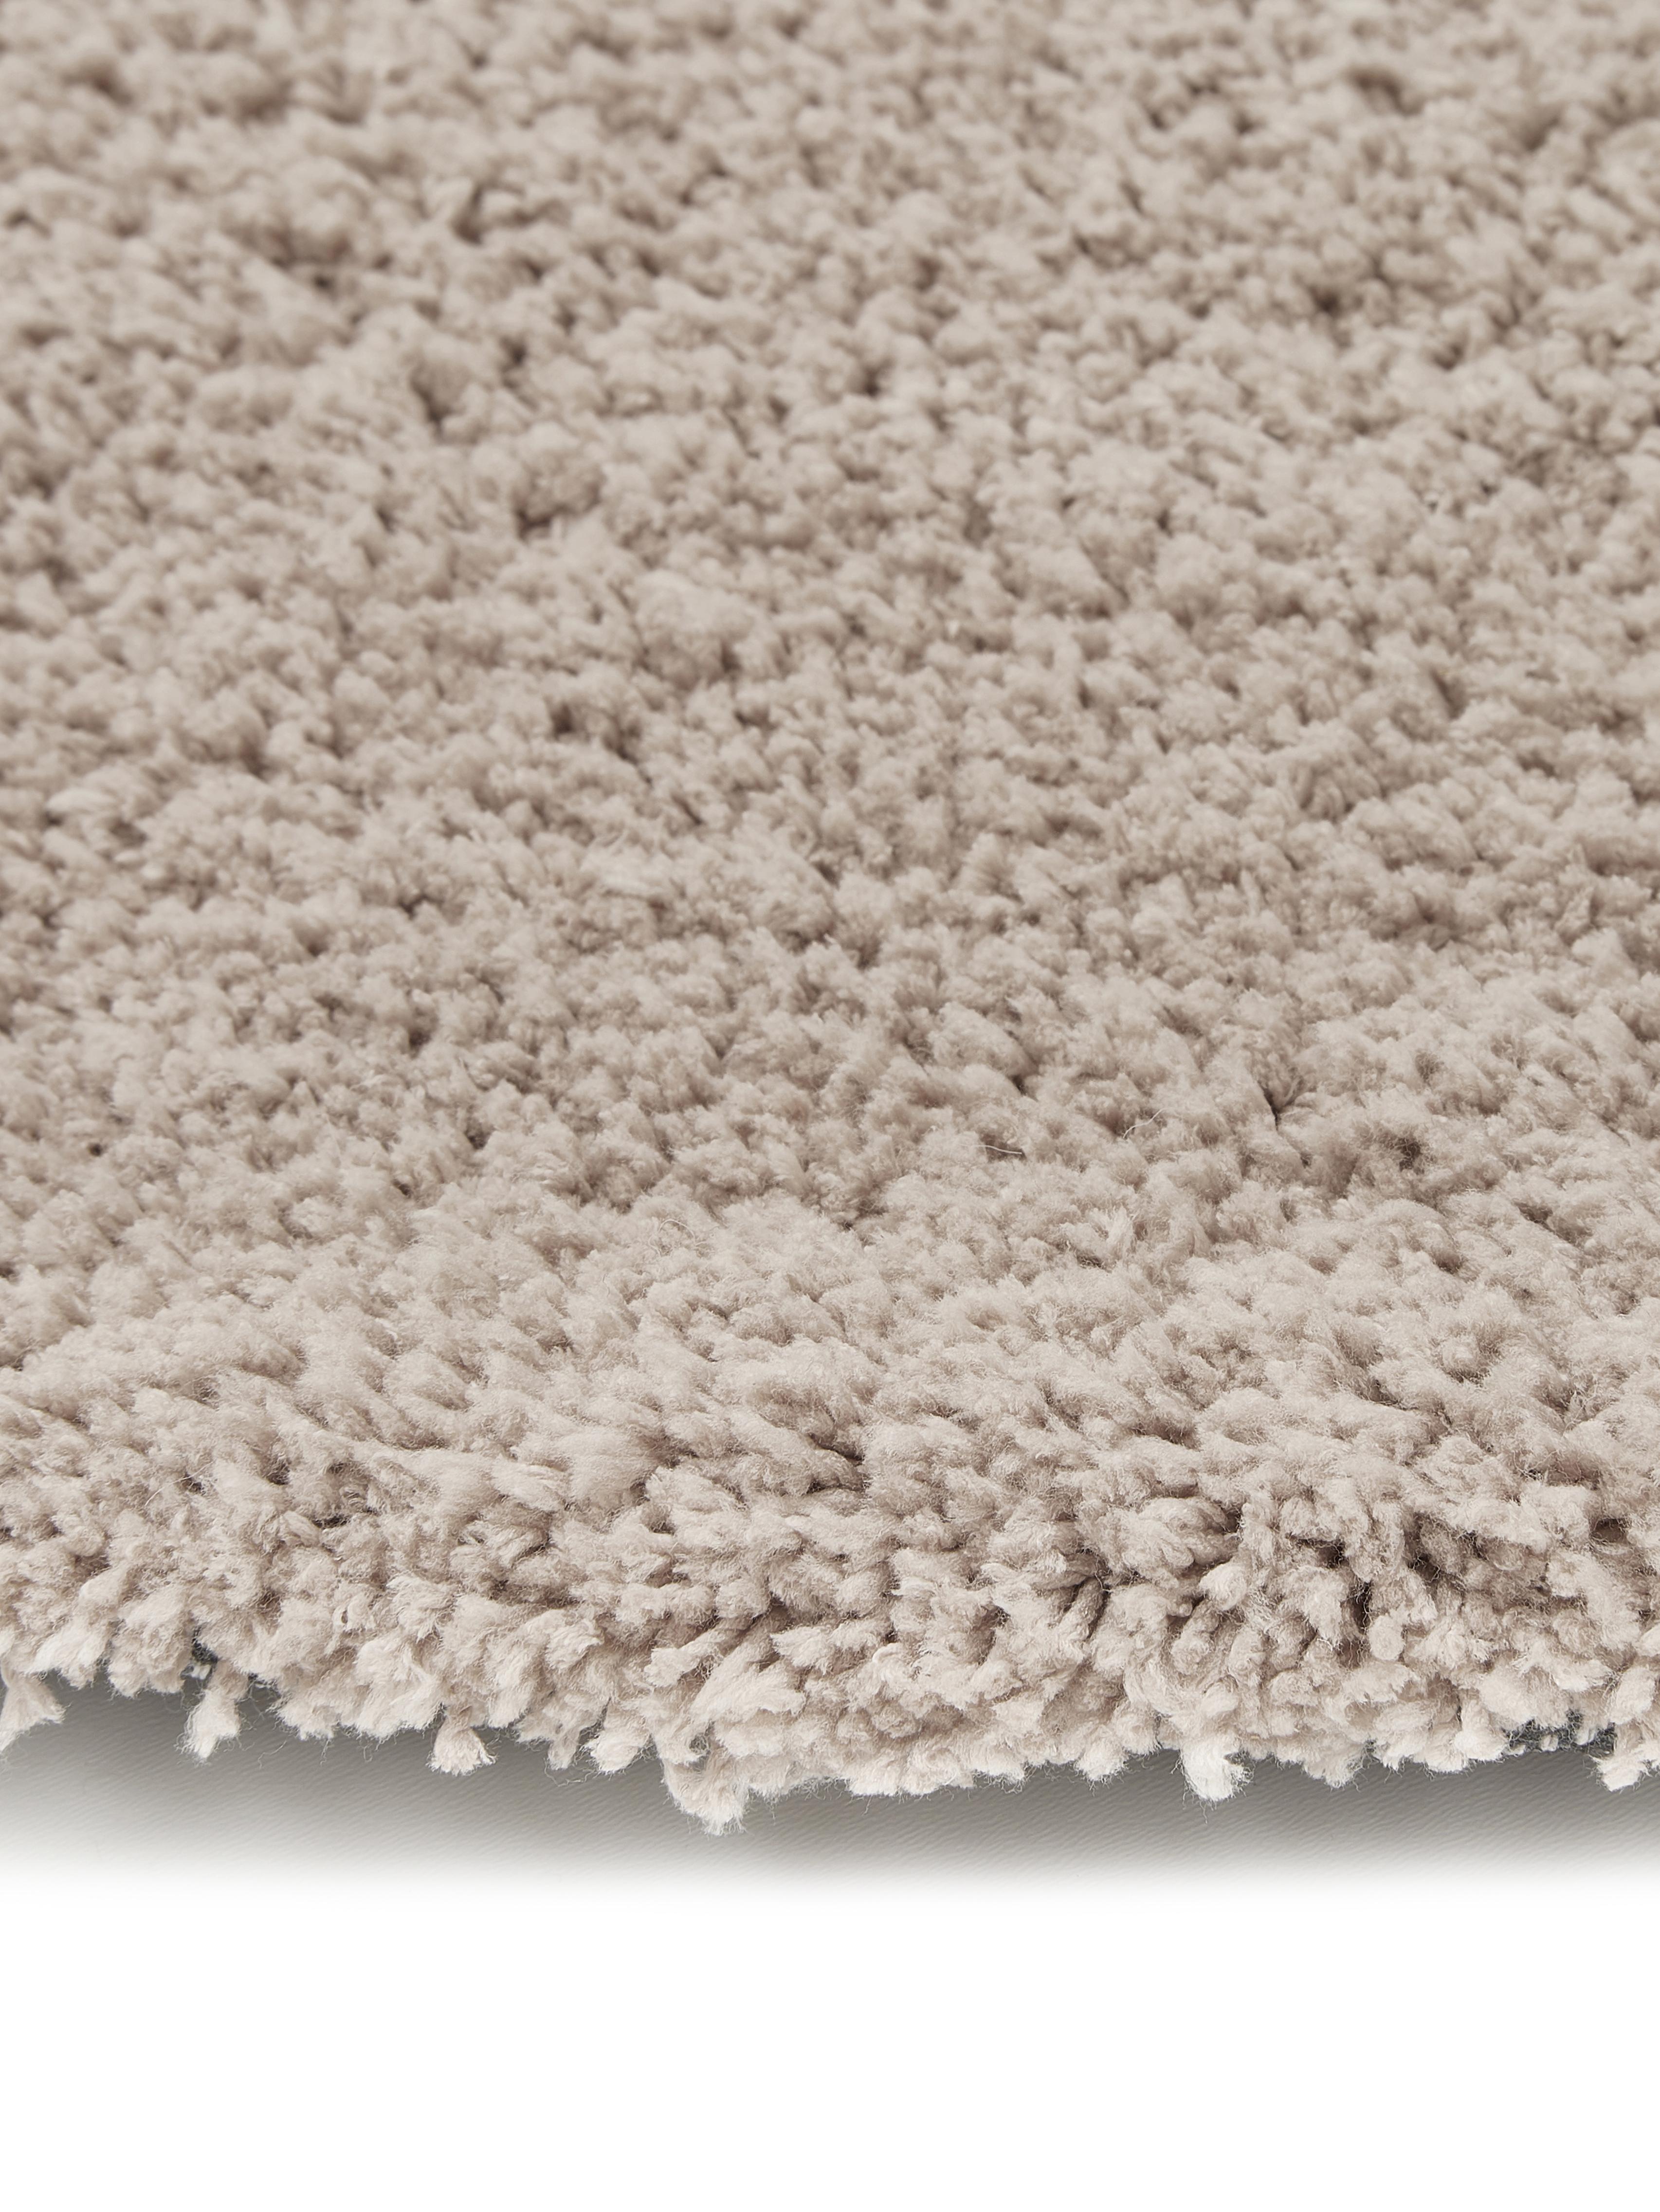 Flauschiger runder Hochflor-Teppich Leighton in Beige, Flor: 100% Polyester (Mikrofase, Beige-Braun, Ø 120 cm (Größe S)